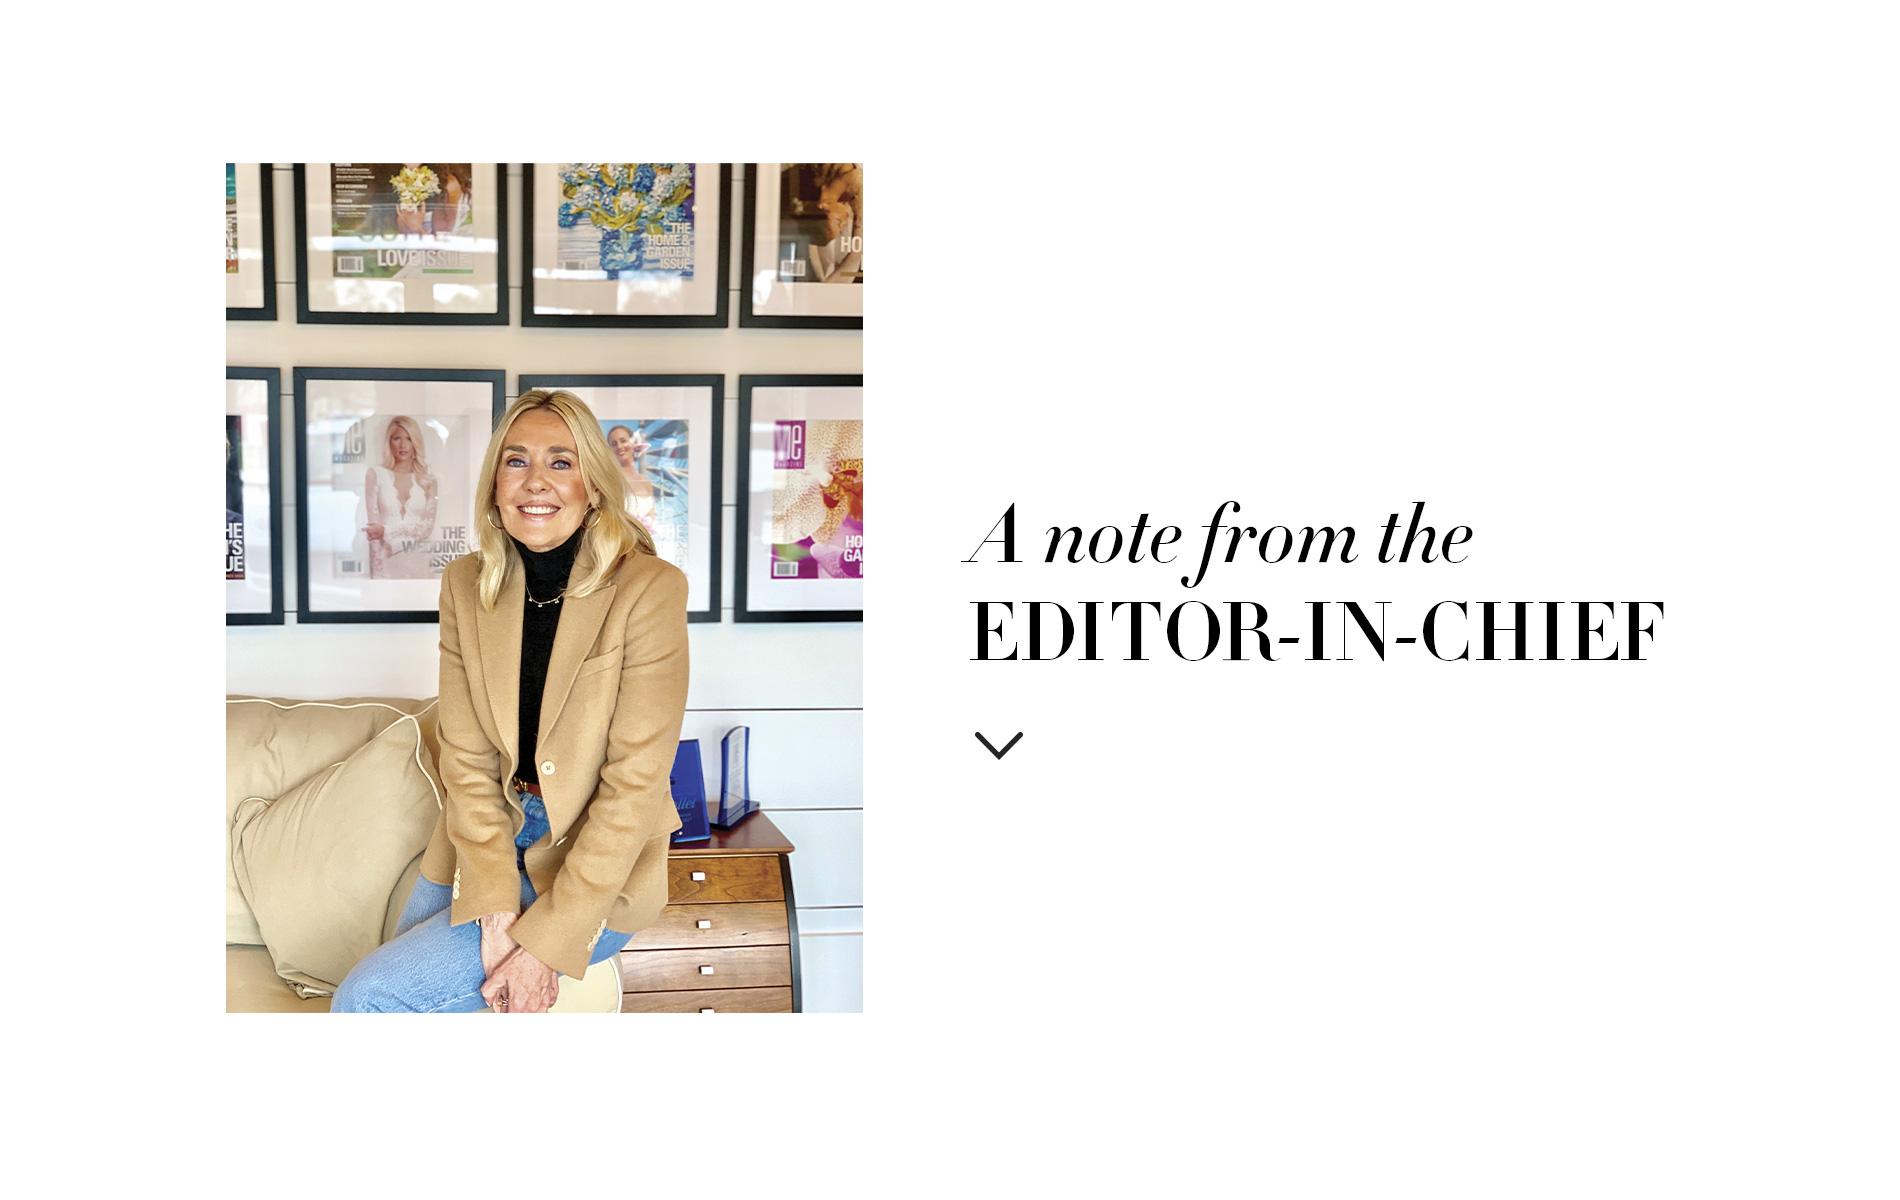 VIE Magazine, Lisa Burwell Editor-in-Chief Note